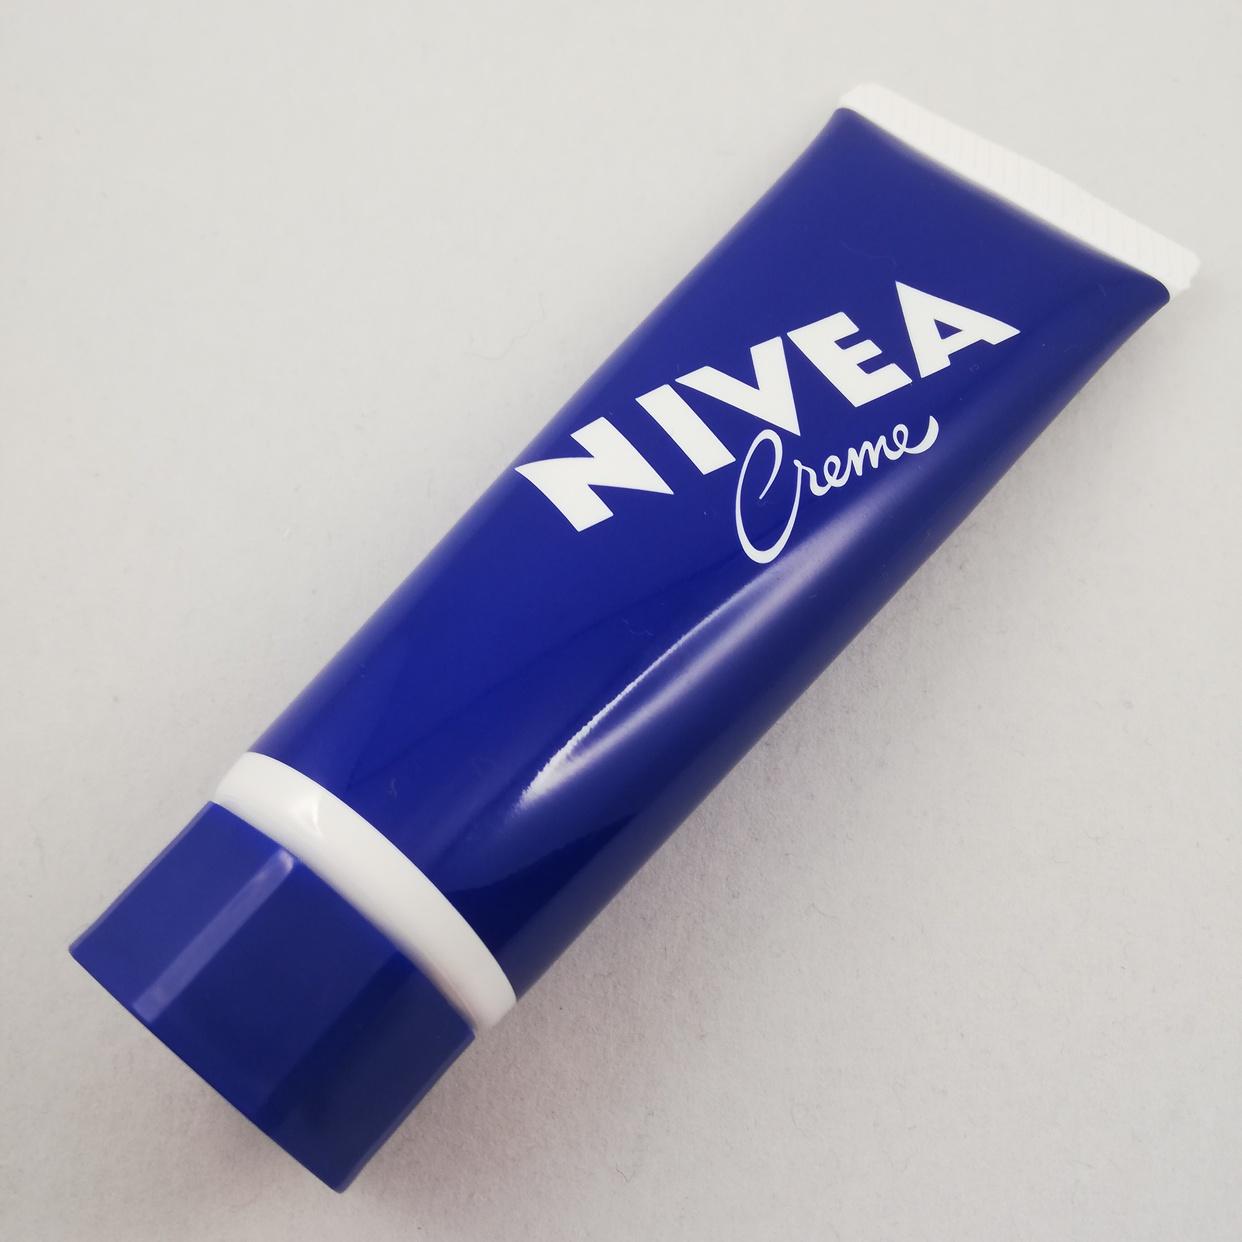 NIVEA(ニベア) クリーム(大缶)の良い点・メリットに関するりか✨さんの口コミ画像1